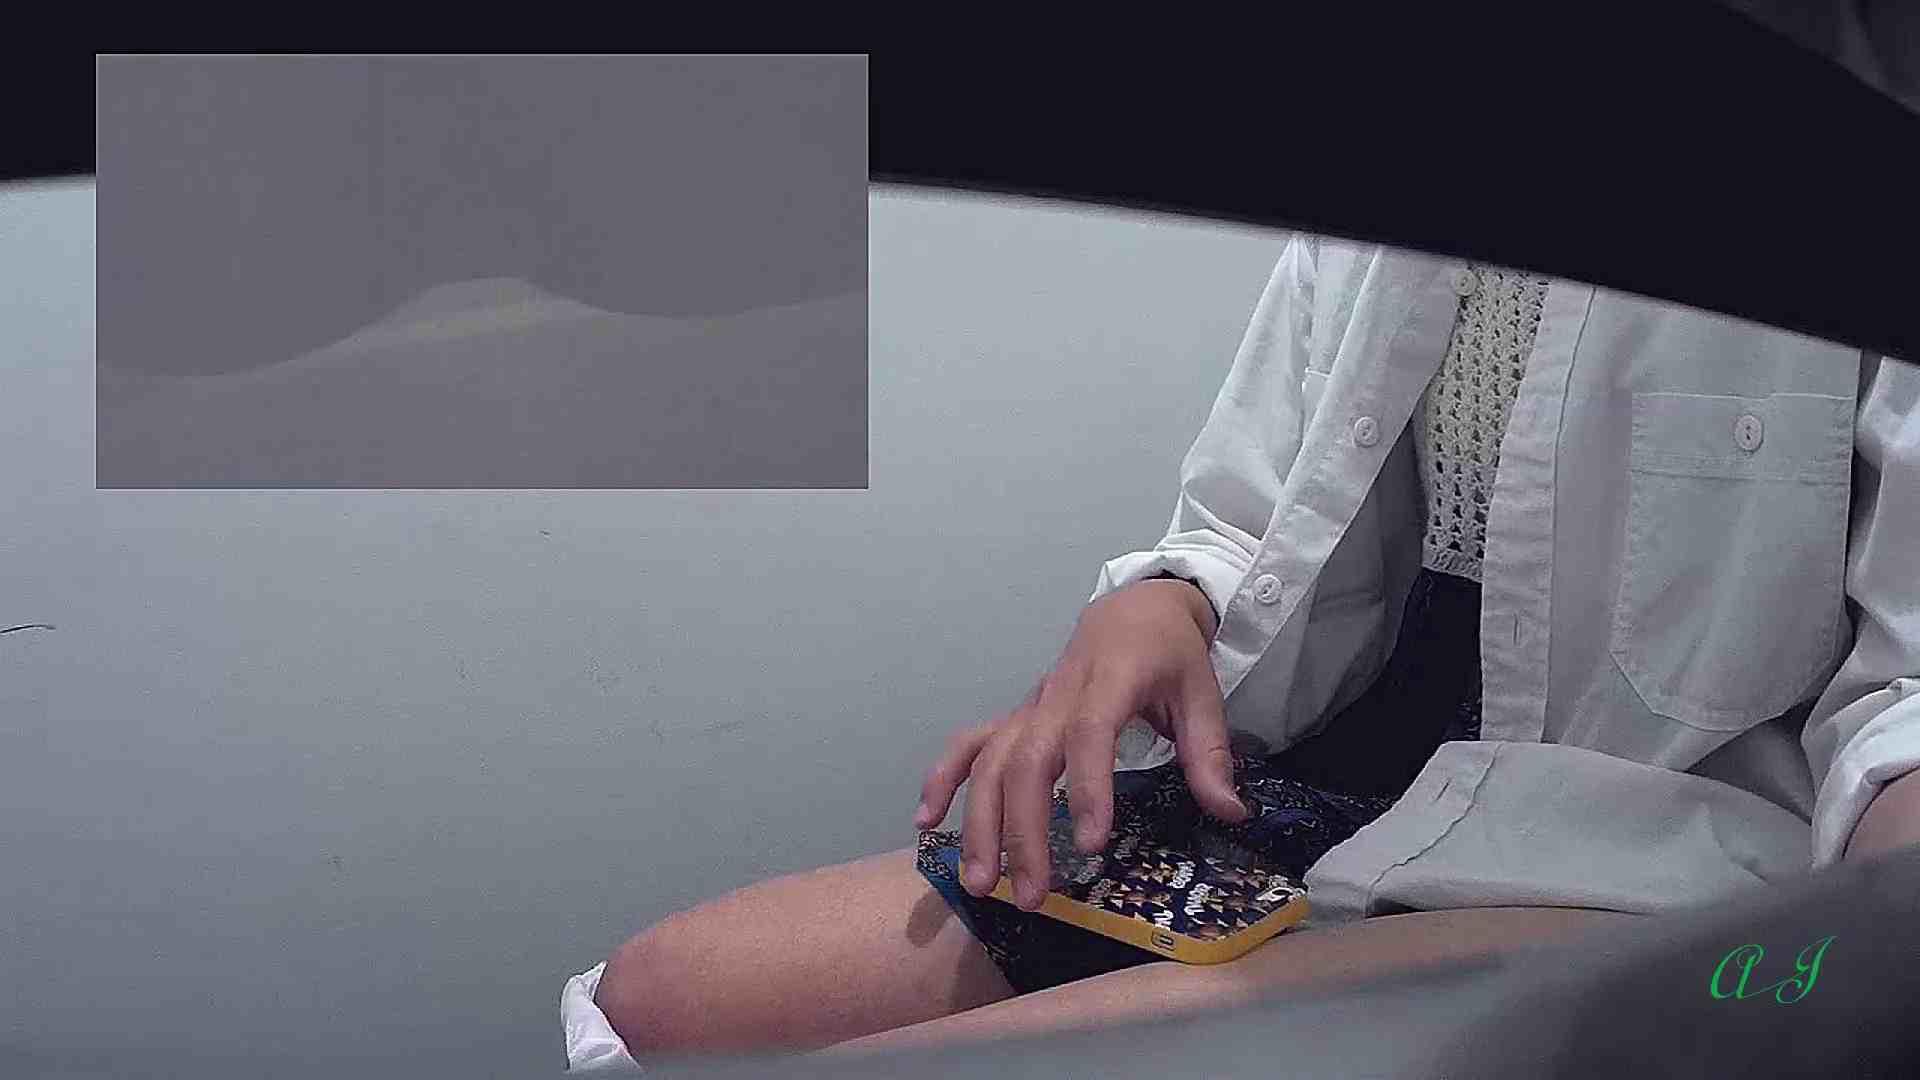 有名大学女性洗面所 vol.64 圧巻!総勢8名全員美女ばかり!! 潜入エロ調査 | 洗面所着替え  98連発 88